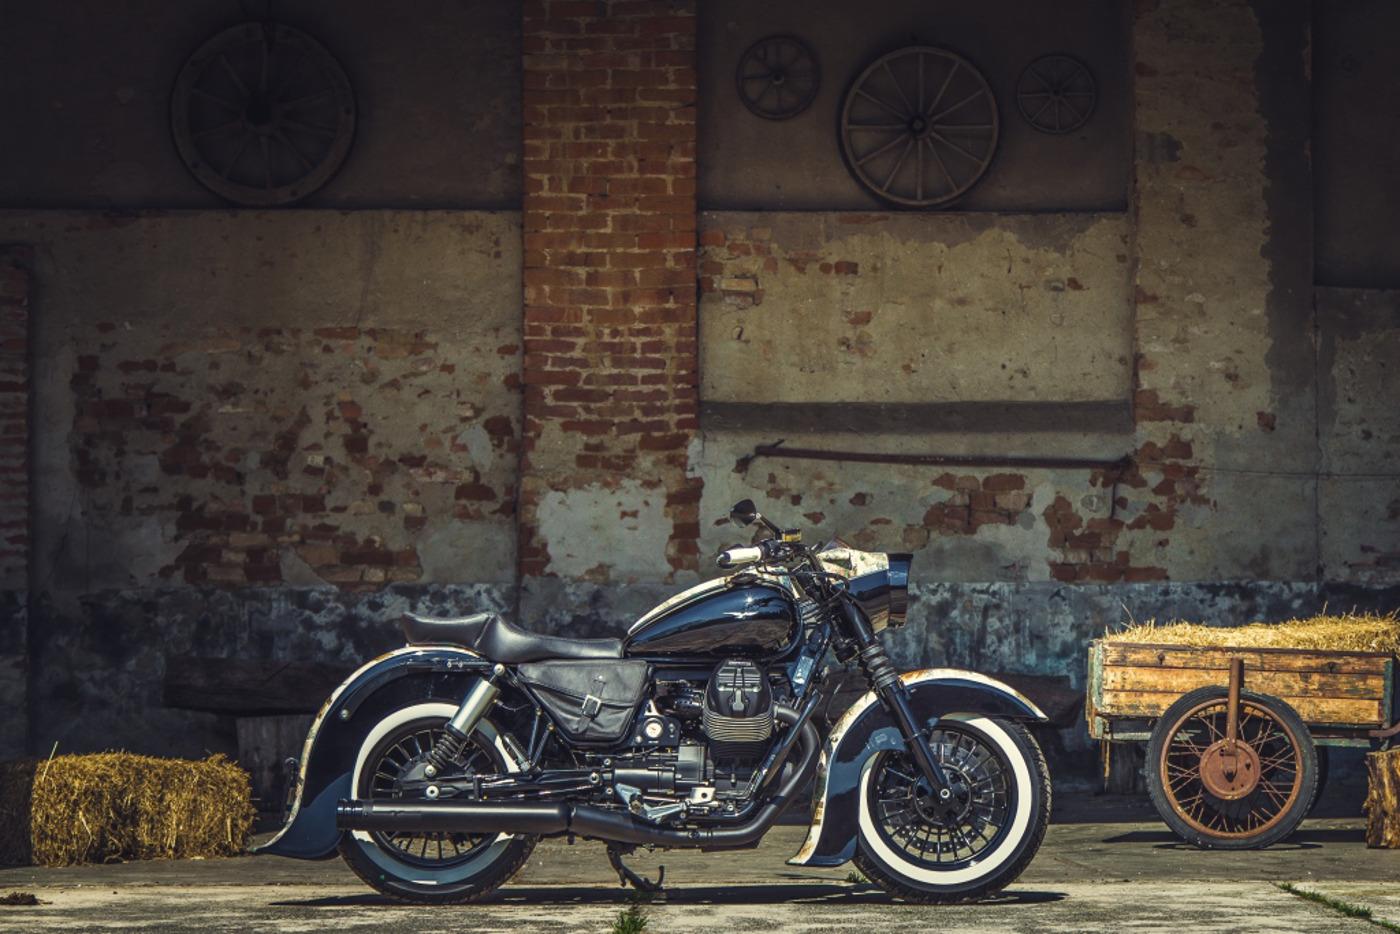 Moto Guzzi V9 Bobber Custom, 'Vecchio Conio' by Rustom